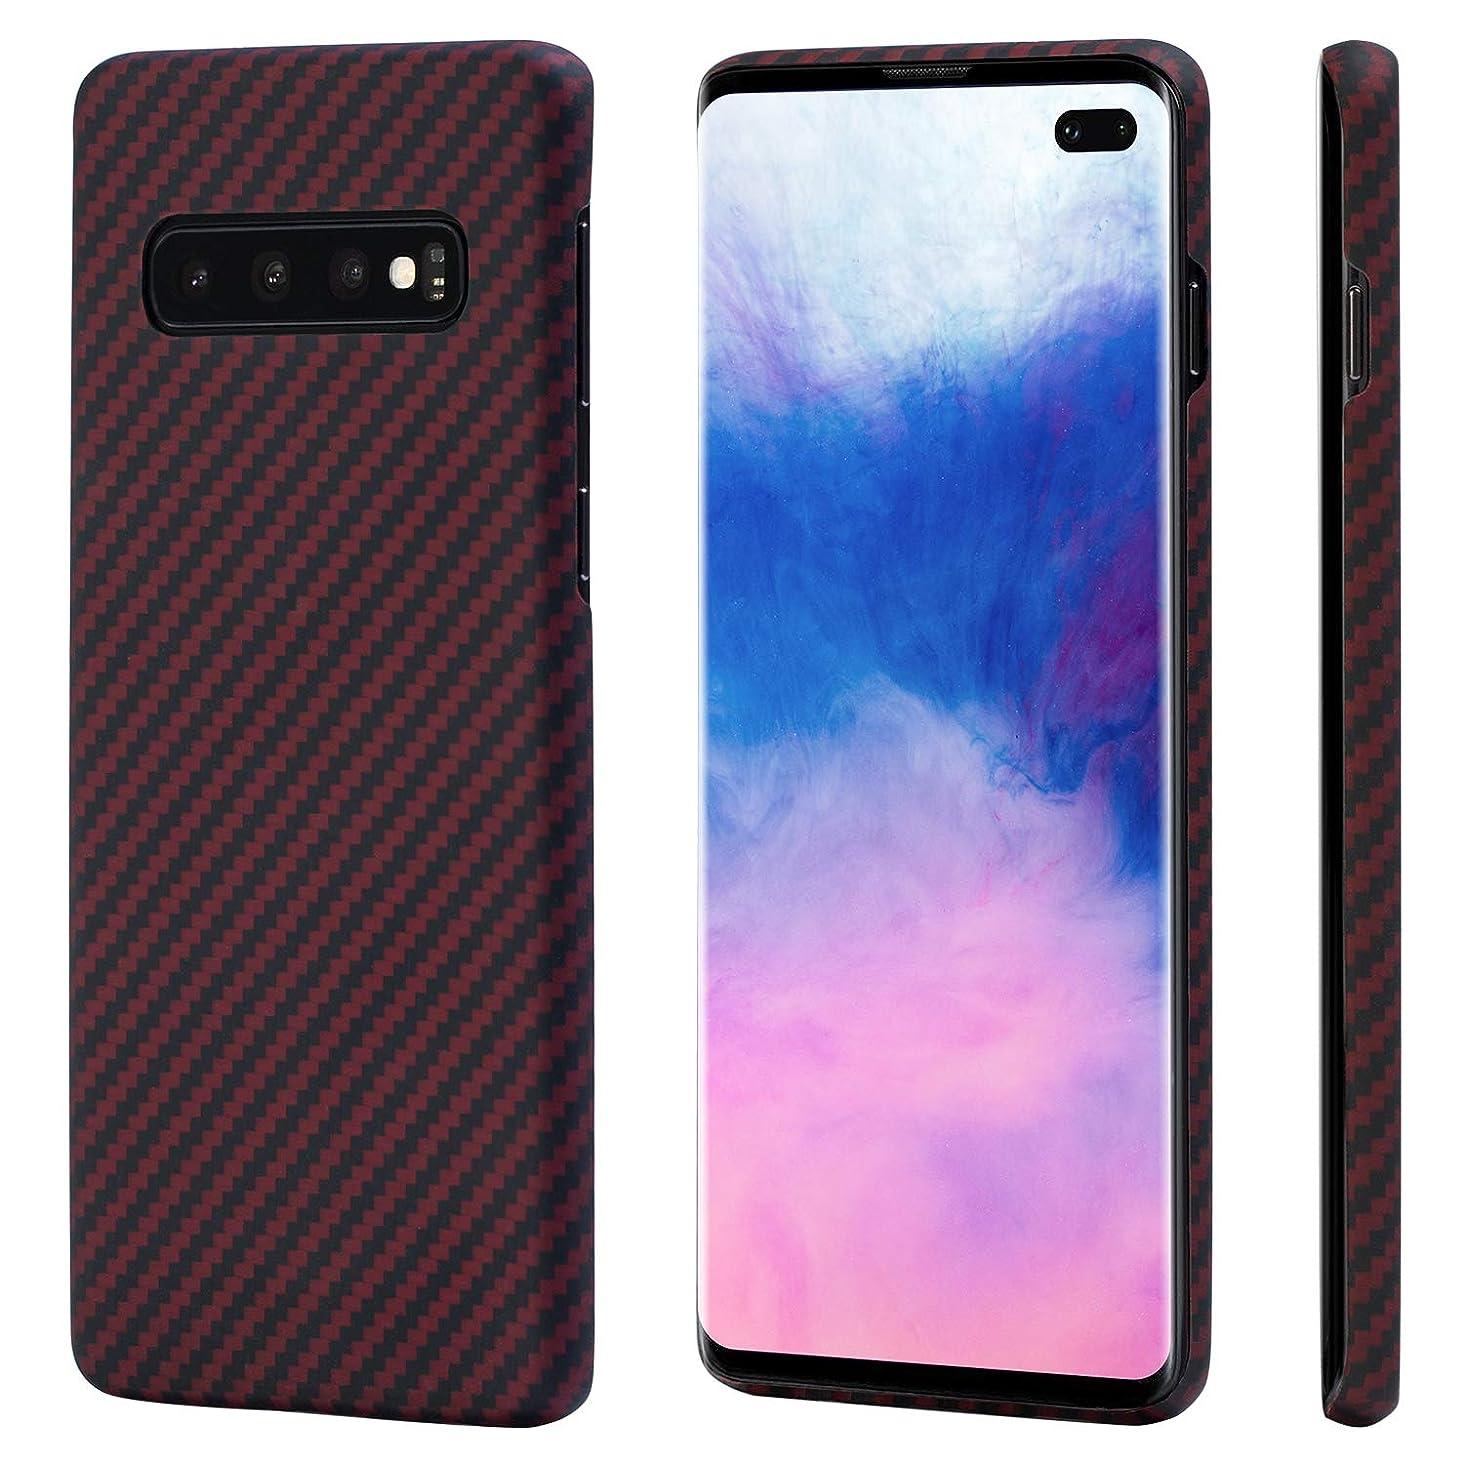 想像力まだら偽造Samsung Galaxy S10+ケース「PITAKA」Magcase 軍用防弾チョッキ素材アラミド繊維高級なカーボン風 超薄(0.65mm) 超軽量(16g) 超頑丈 耐衝撃 高耐久性 スリム 薄型 ワイヤレス充電対応ギャラクシーS10+カバー (黒/赤 ツイル柄)